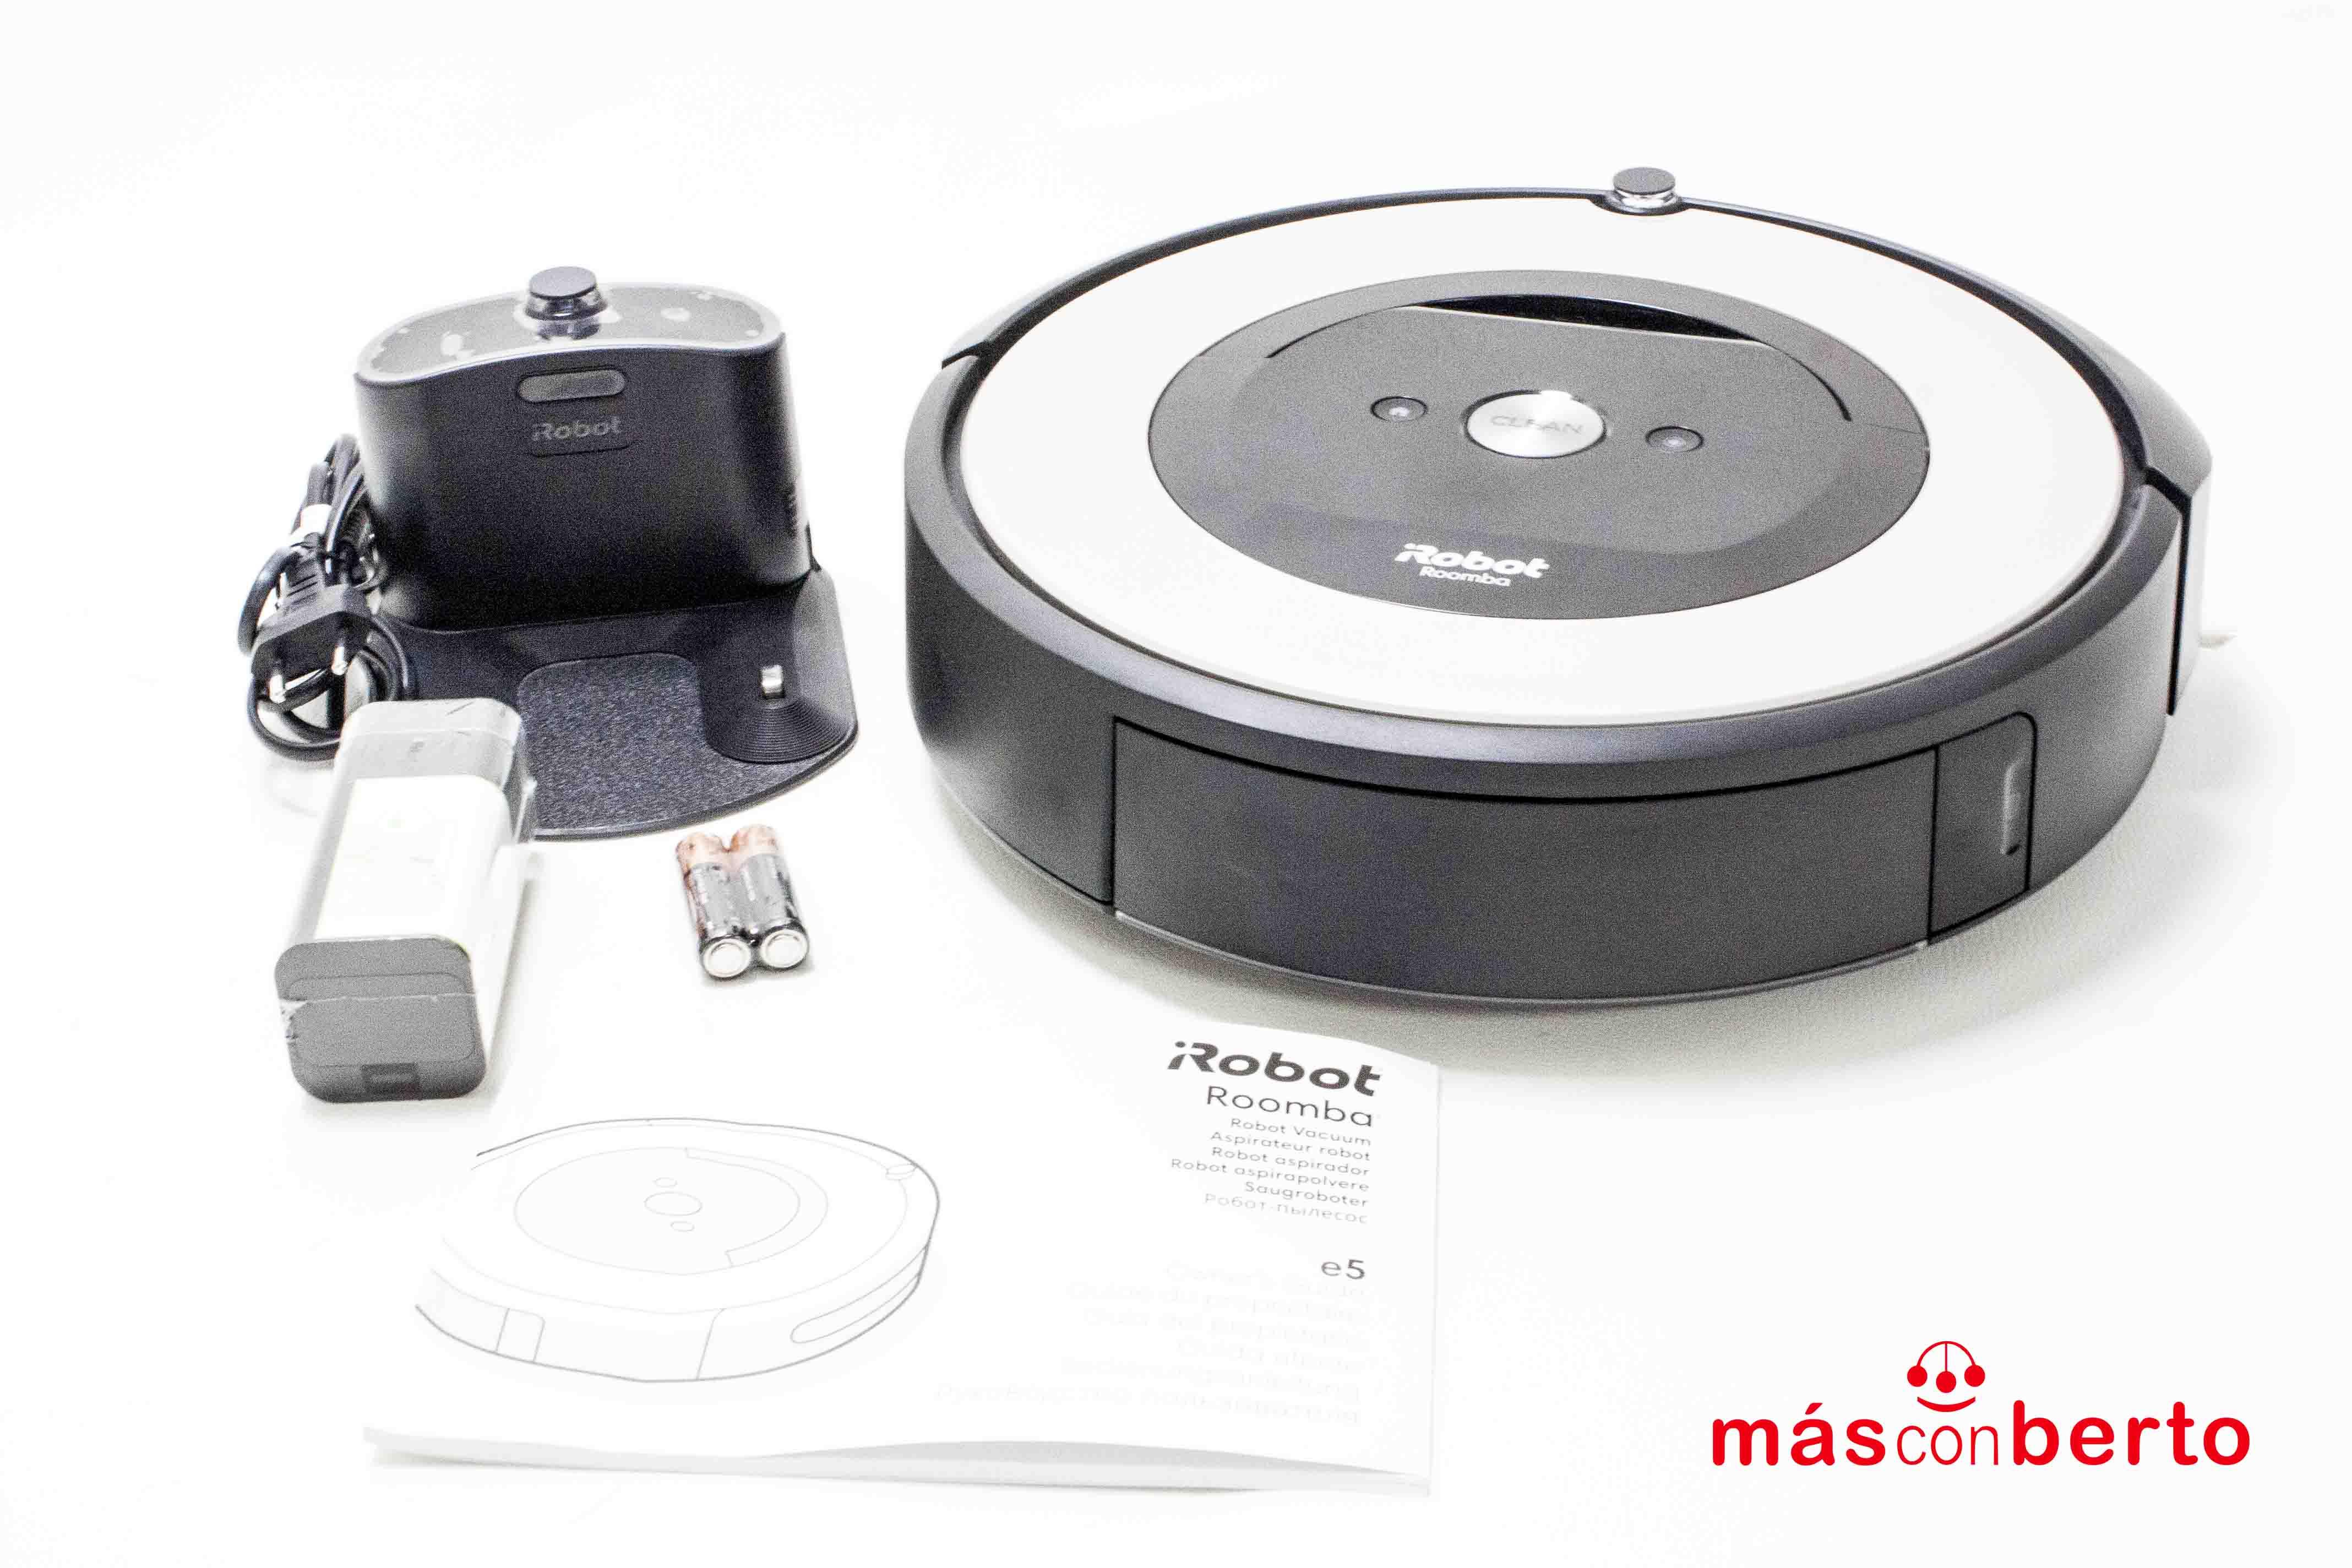 Aspiradora Roomba e5